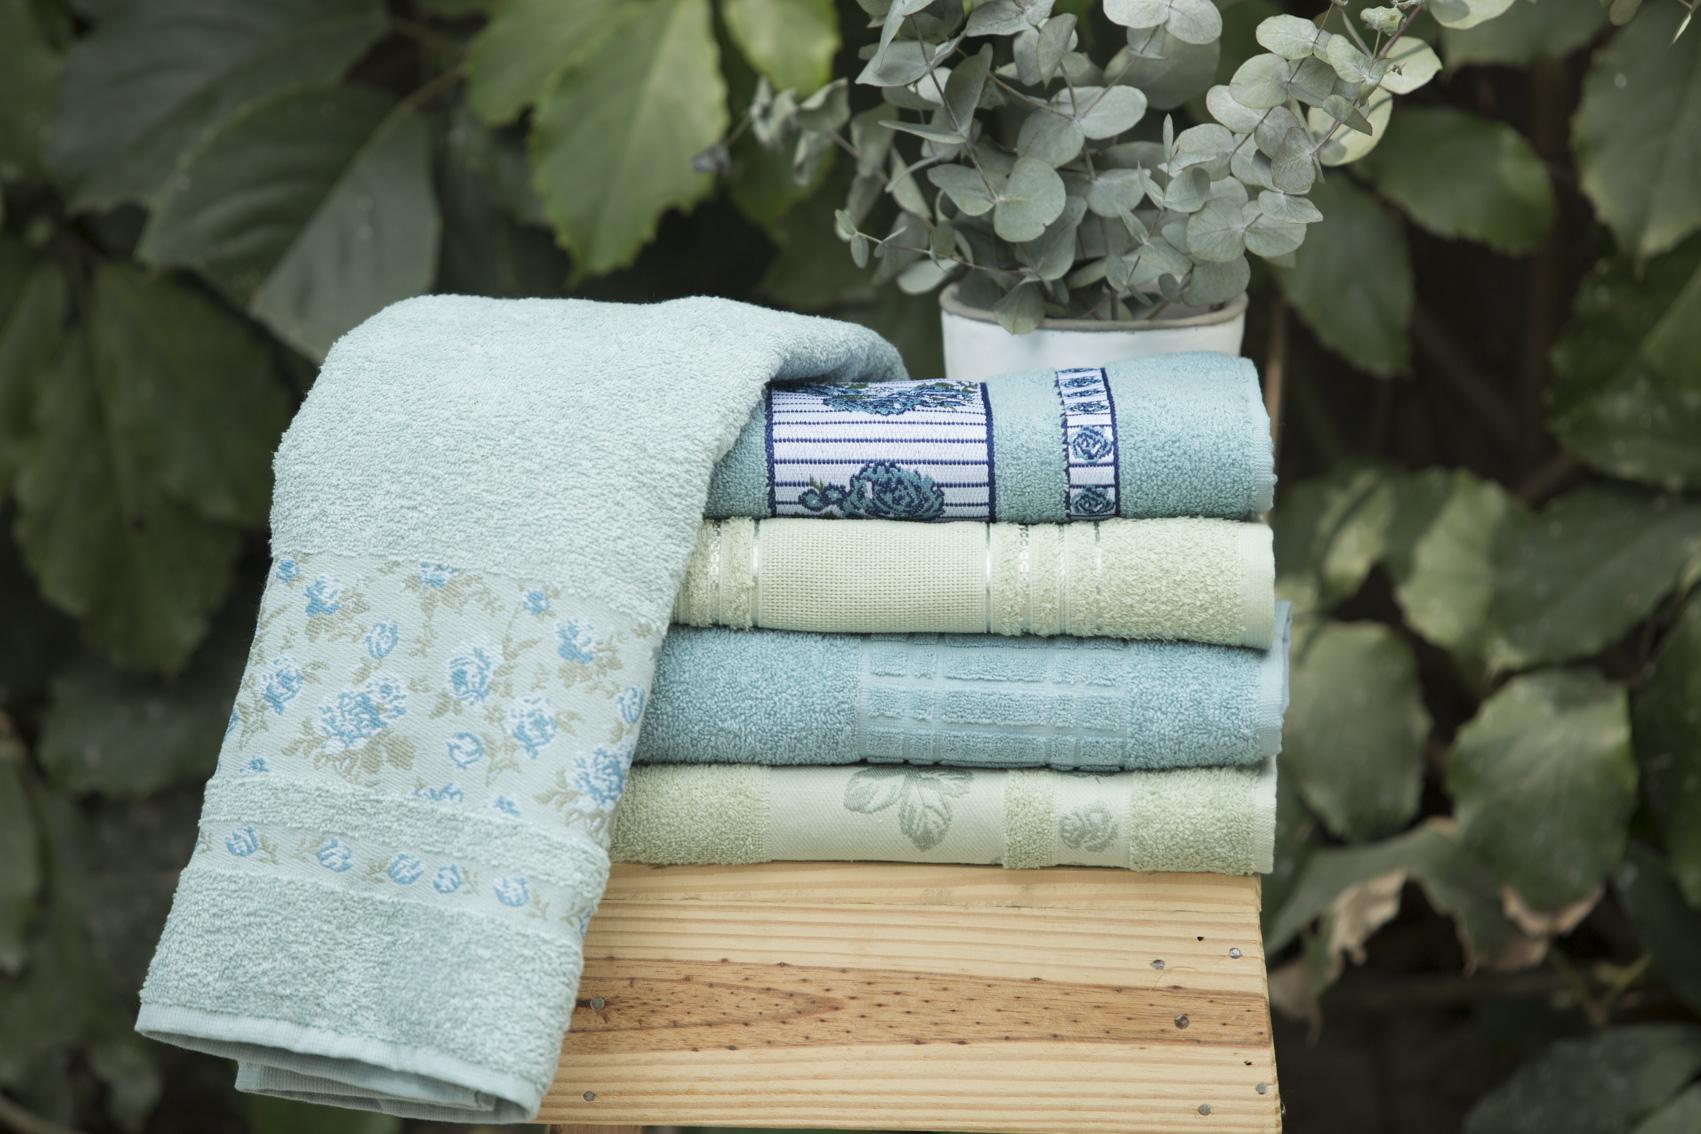 Como lavar toalhas de banho